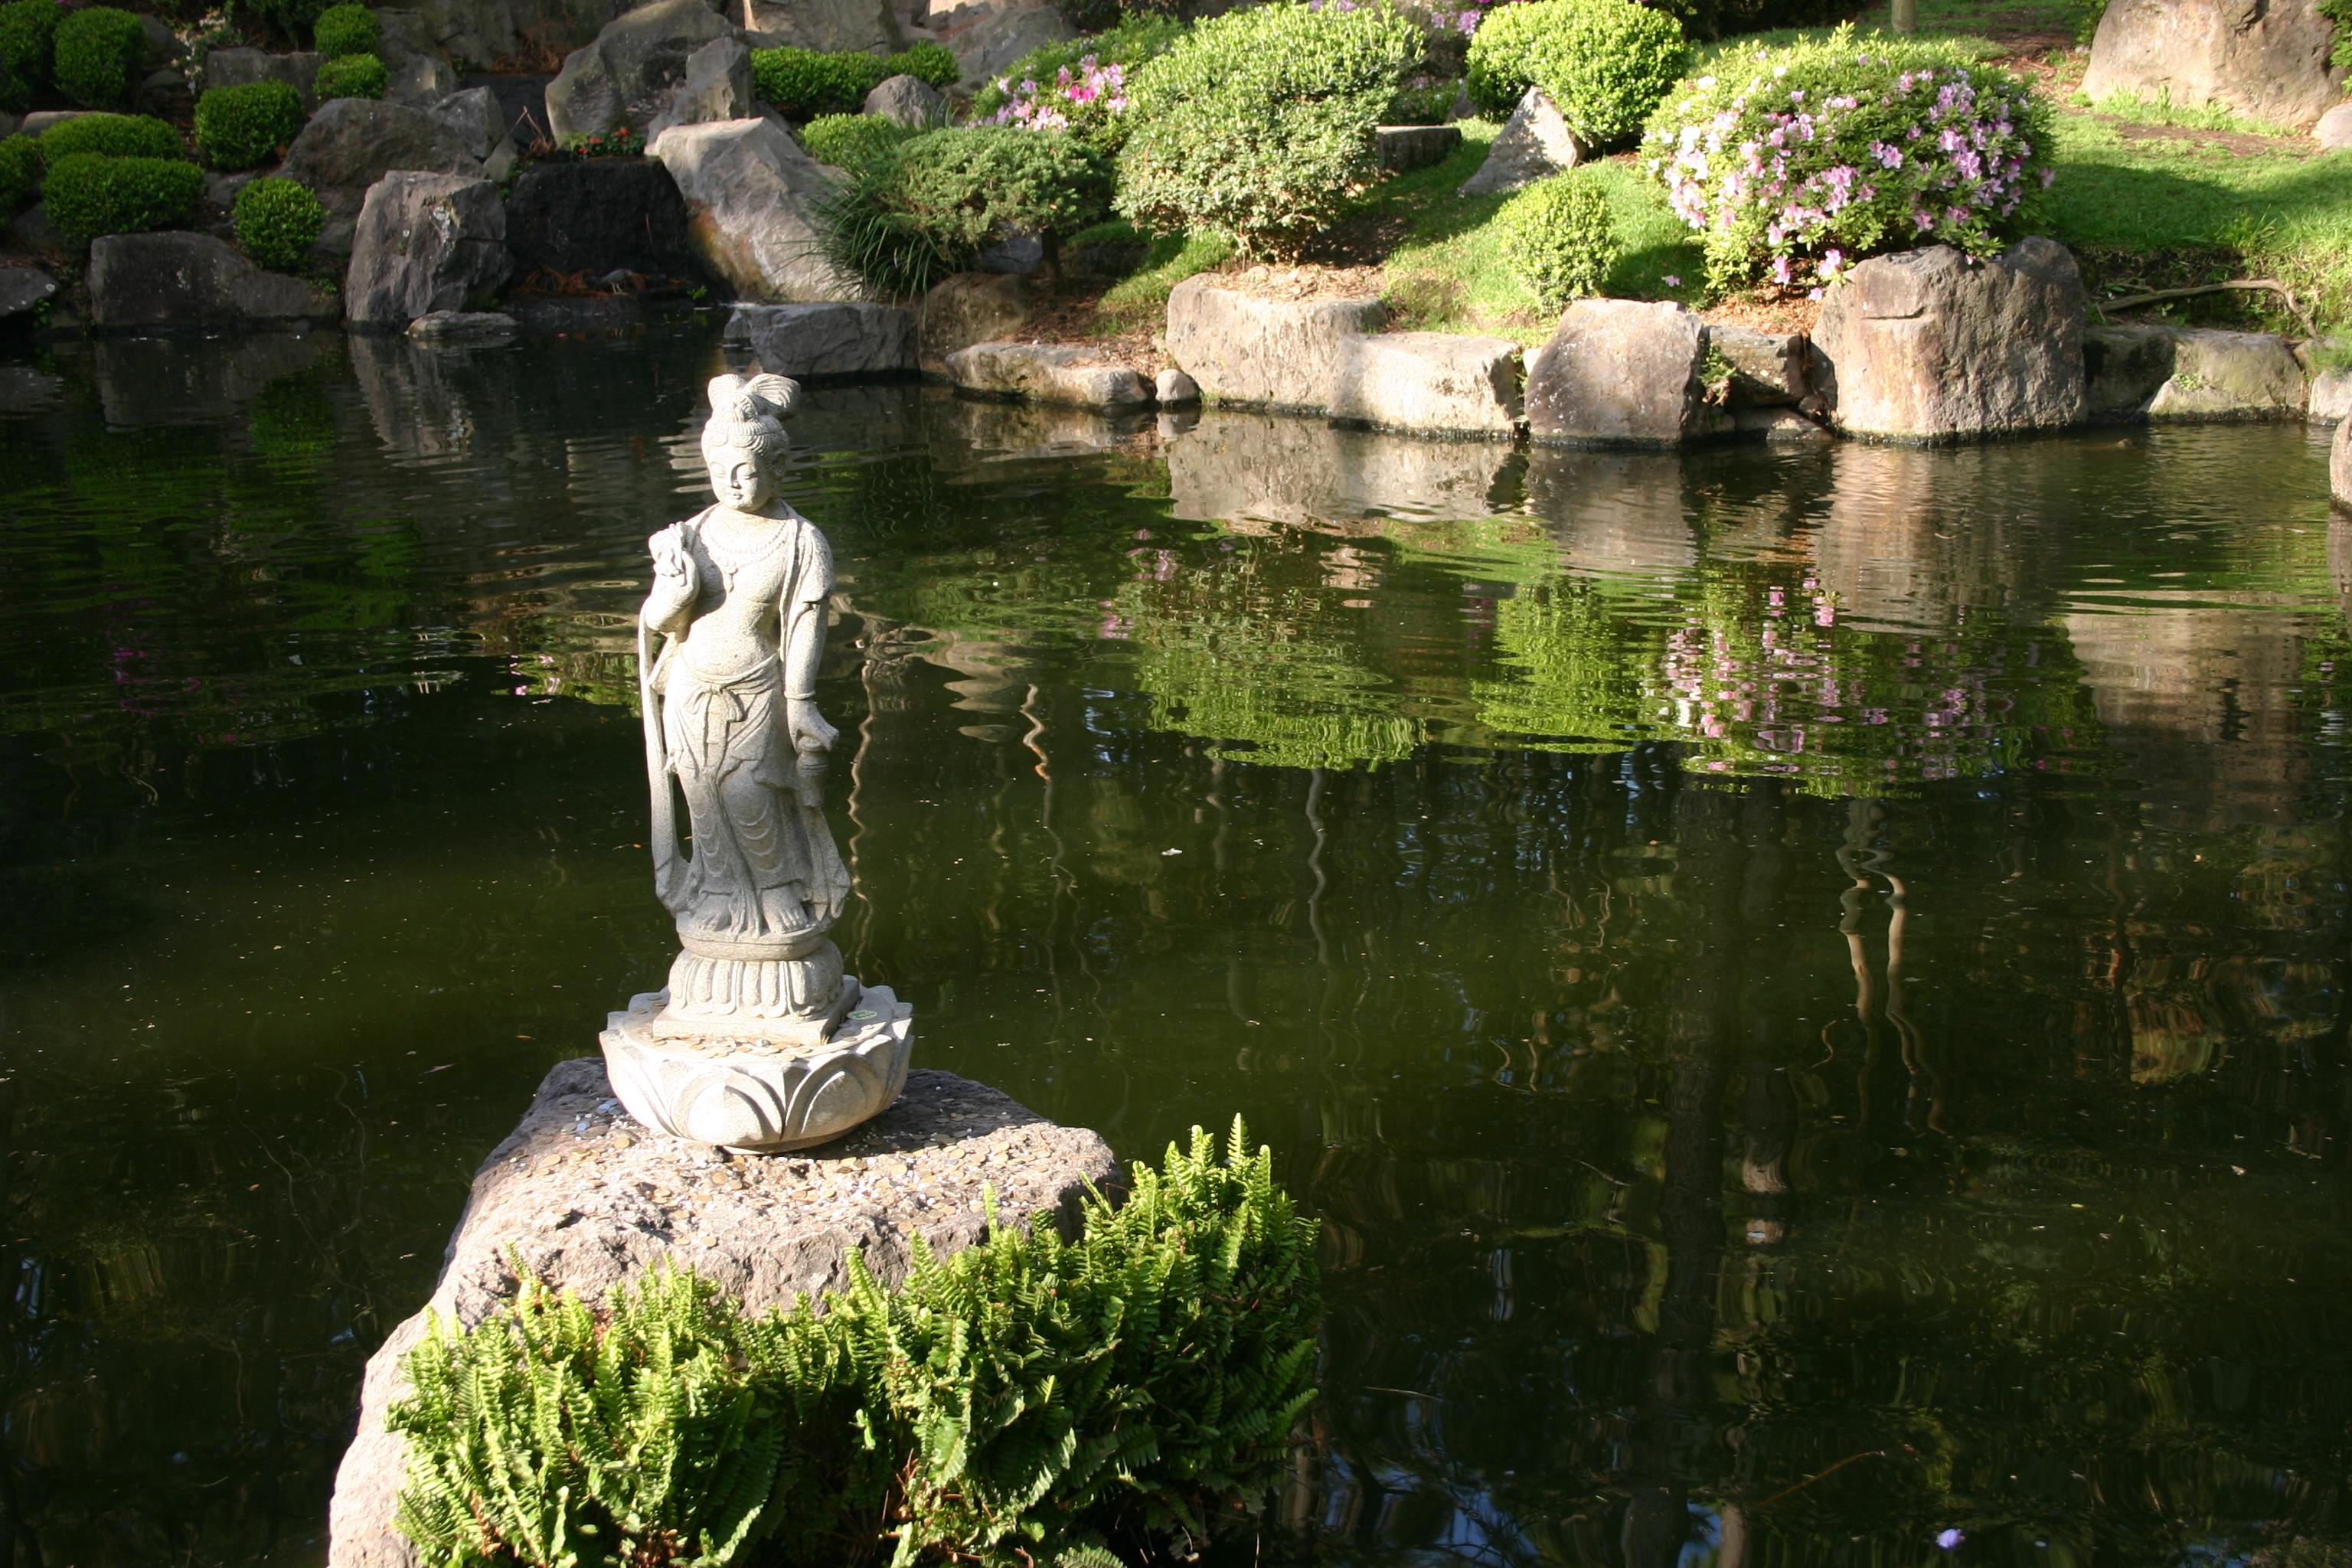 Archivo colomos jard n wikipedia la for Parque japones precio de entrada